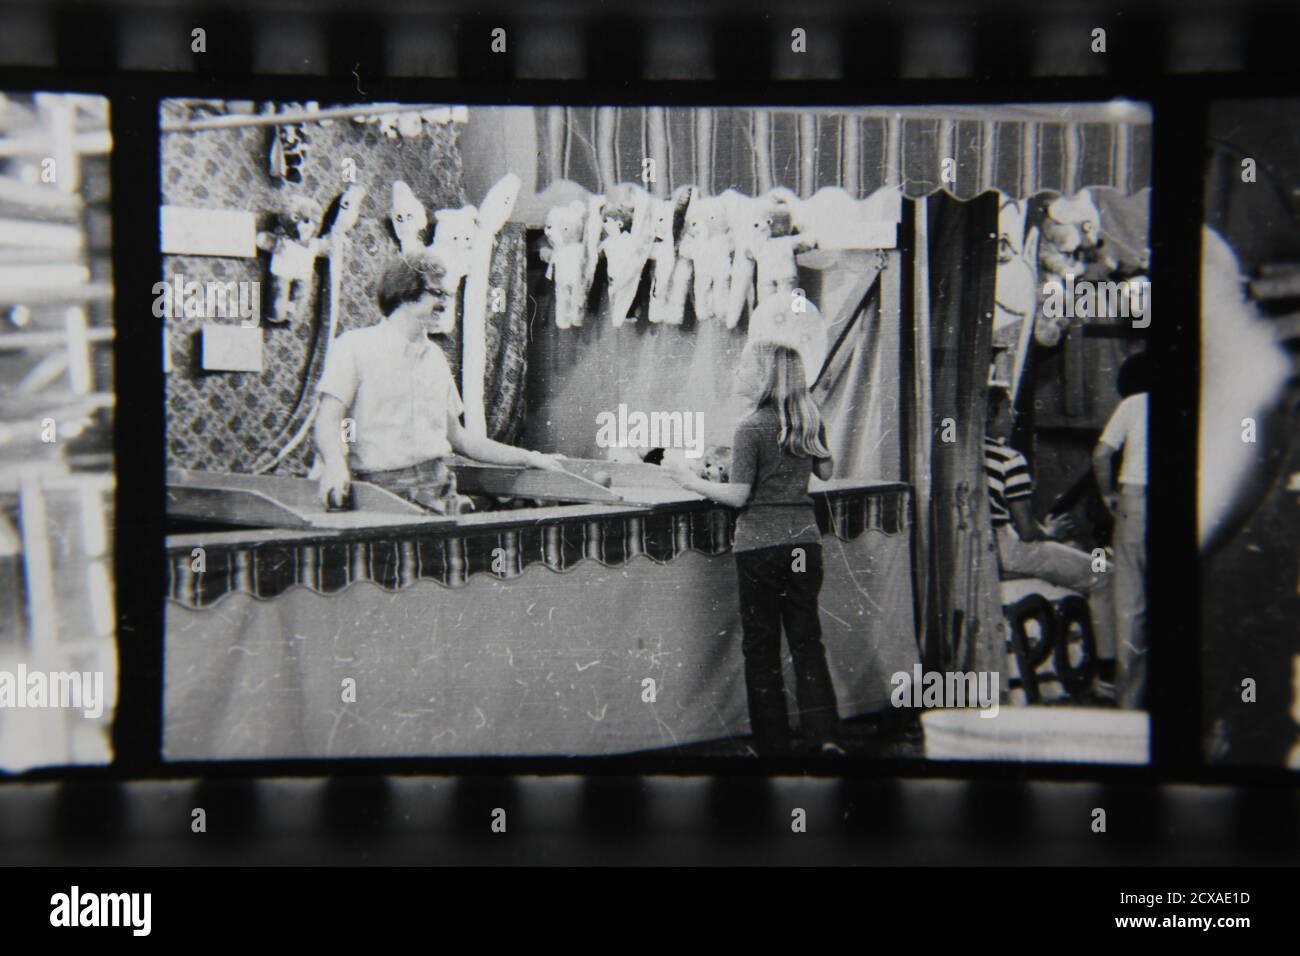 Belle photographie en noir et blanc vintage des années 1970 d'un type régulier qui occupe un stand de jeu de carnaval lors d'une foire de rue de carnaval. Banque D'Images